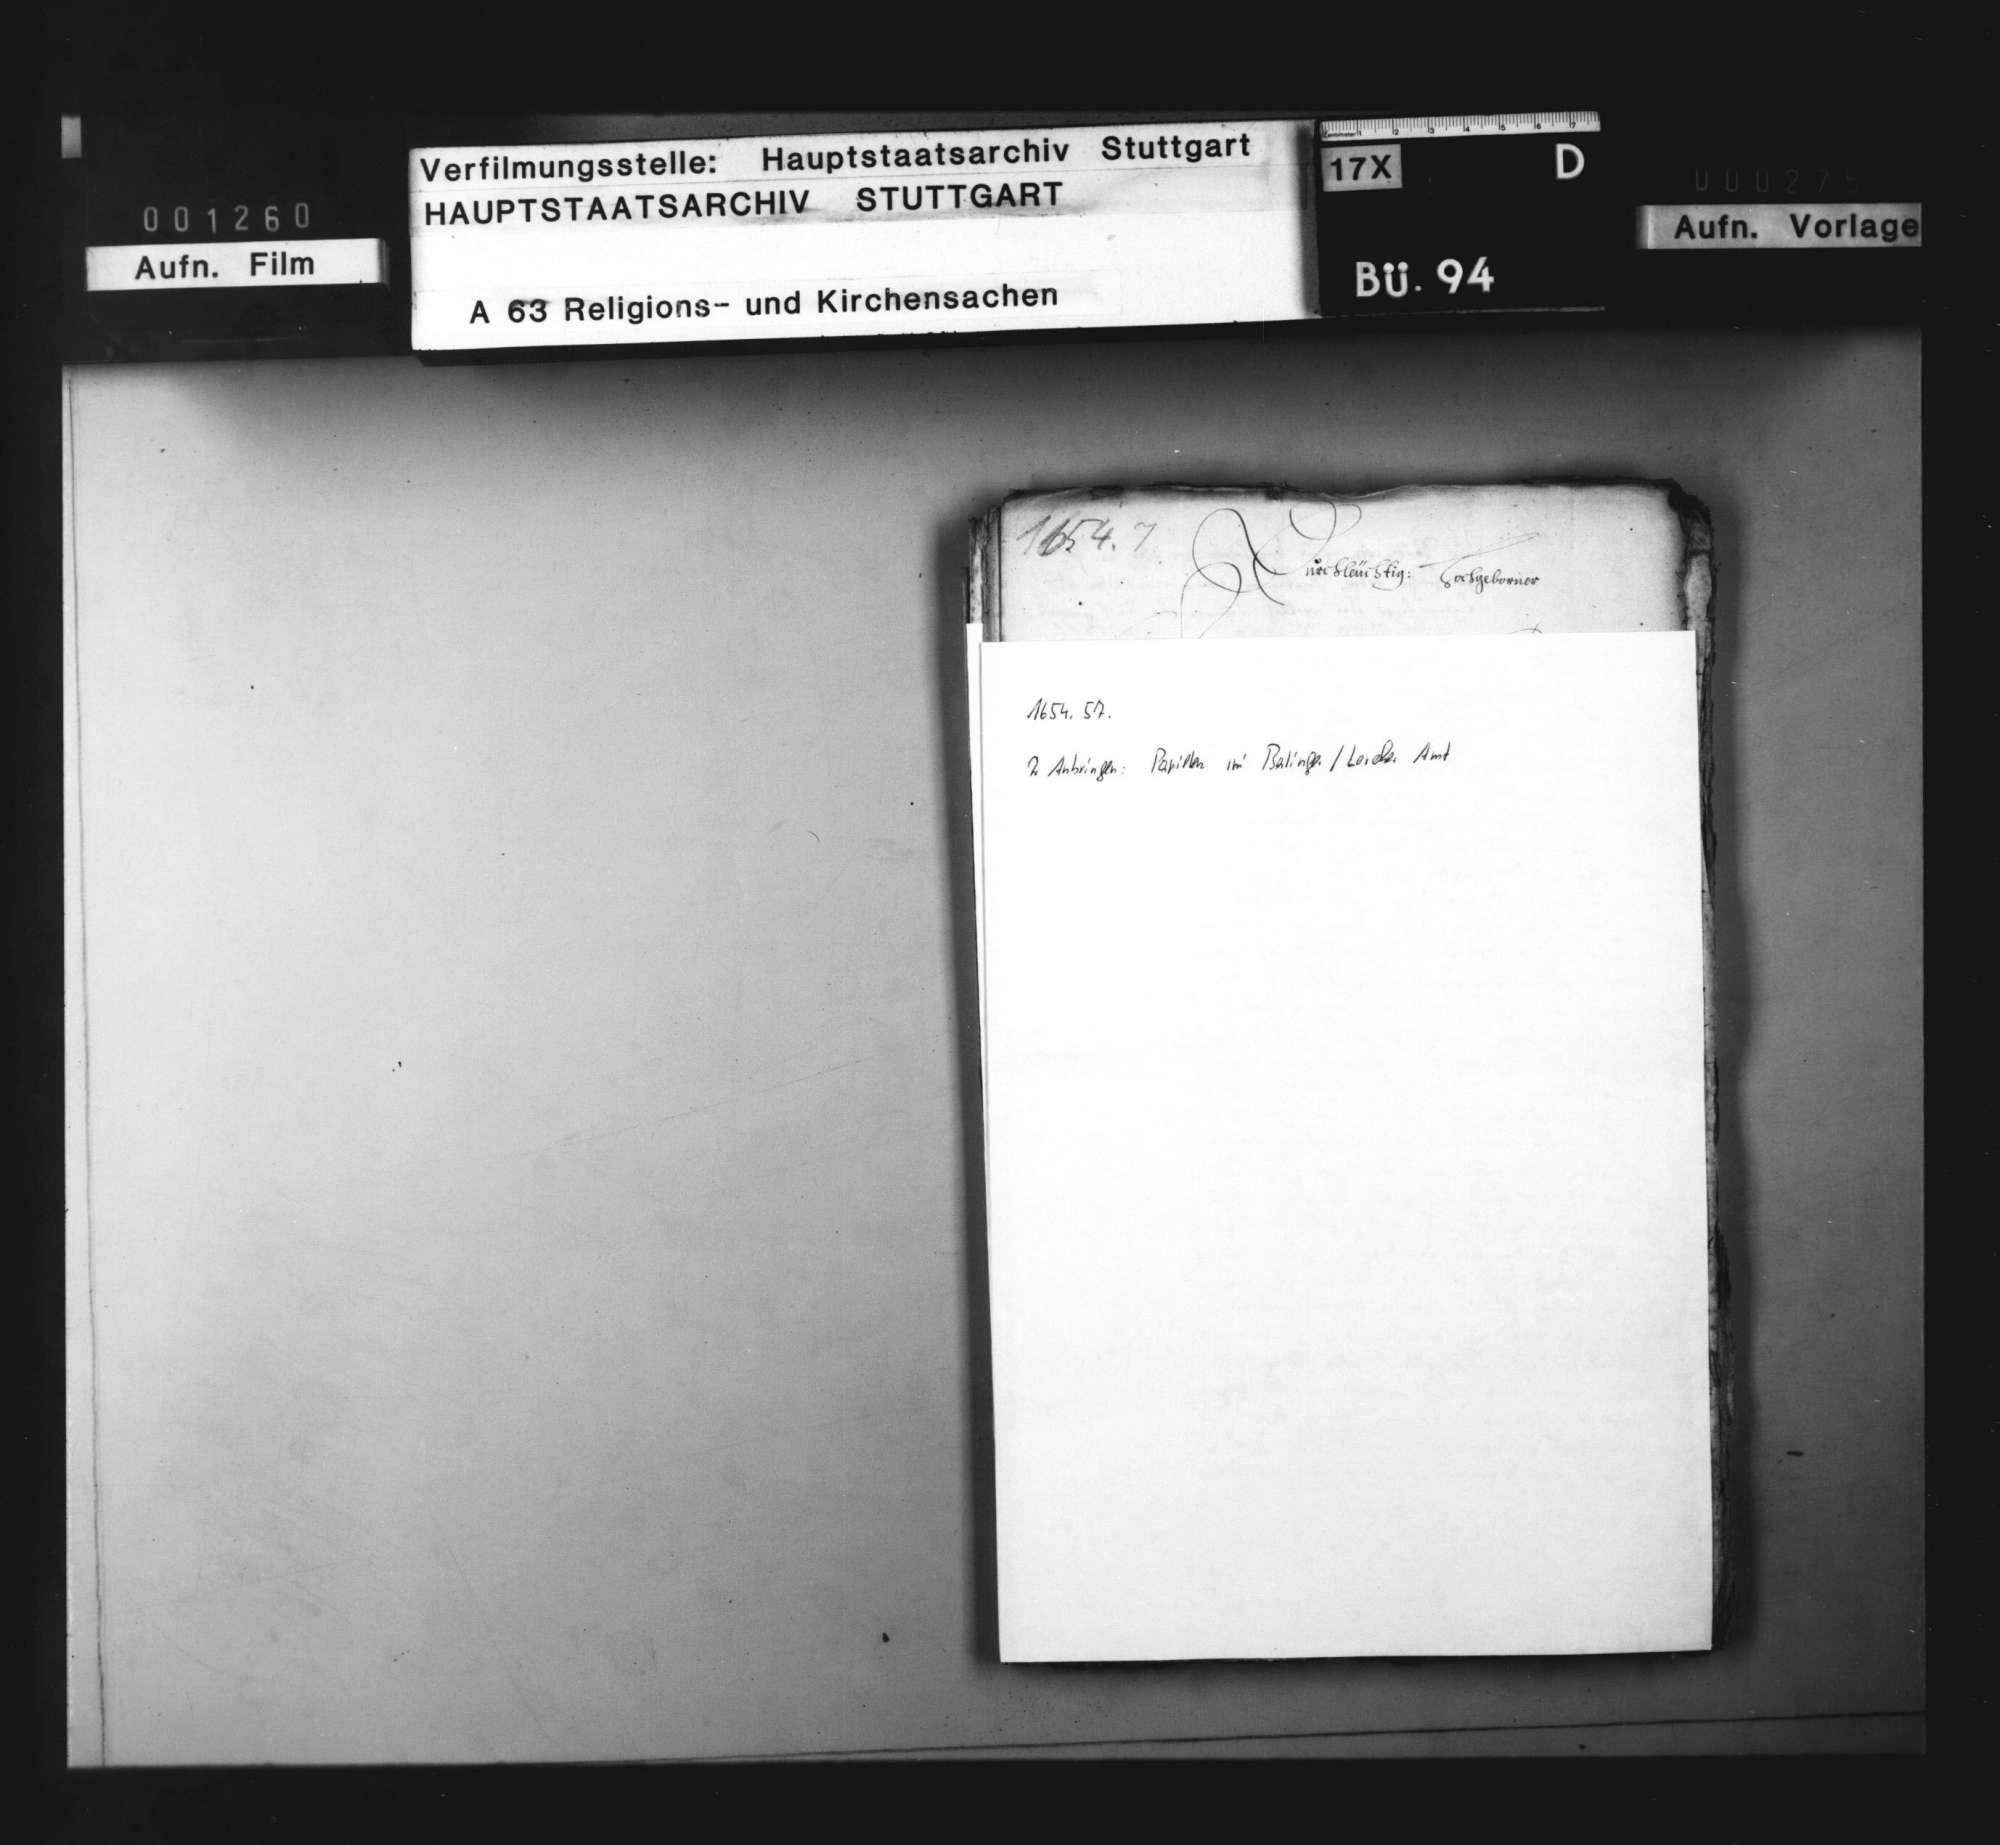 2 Anbringen, betreffend Papisten im Balinger und Lorcher Amt., Bild 1